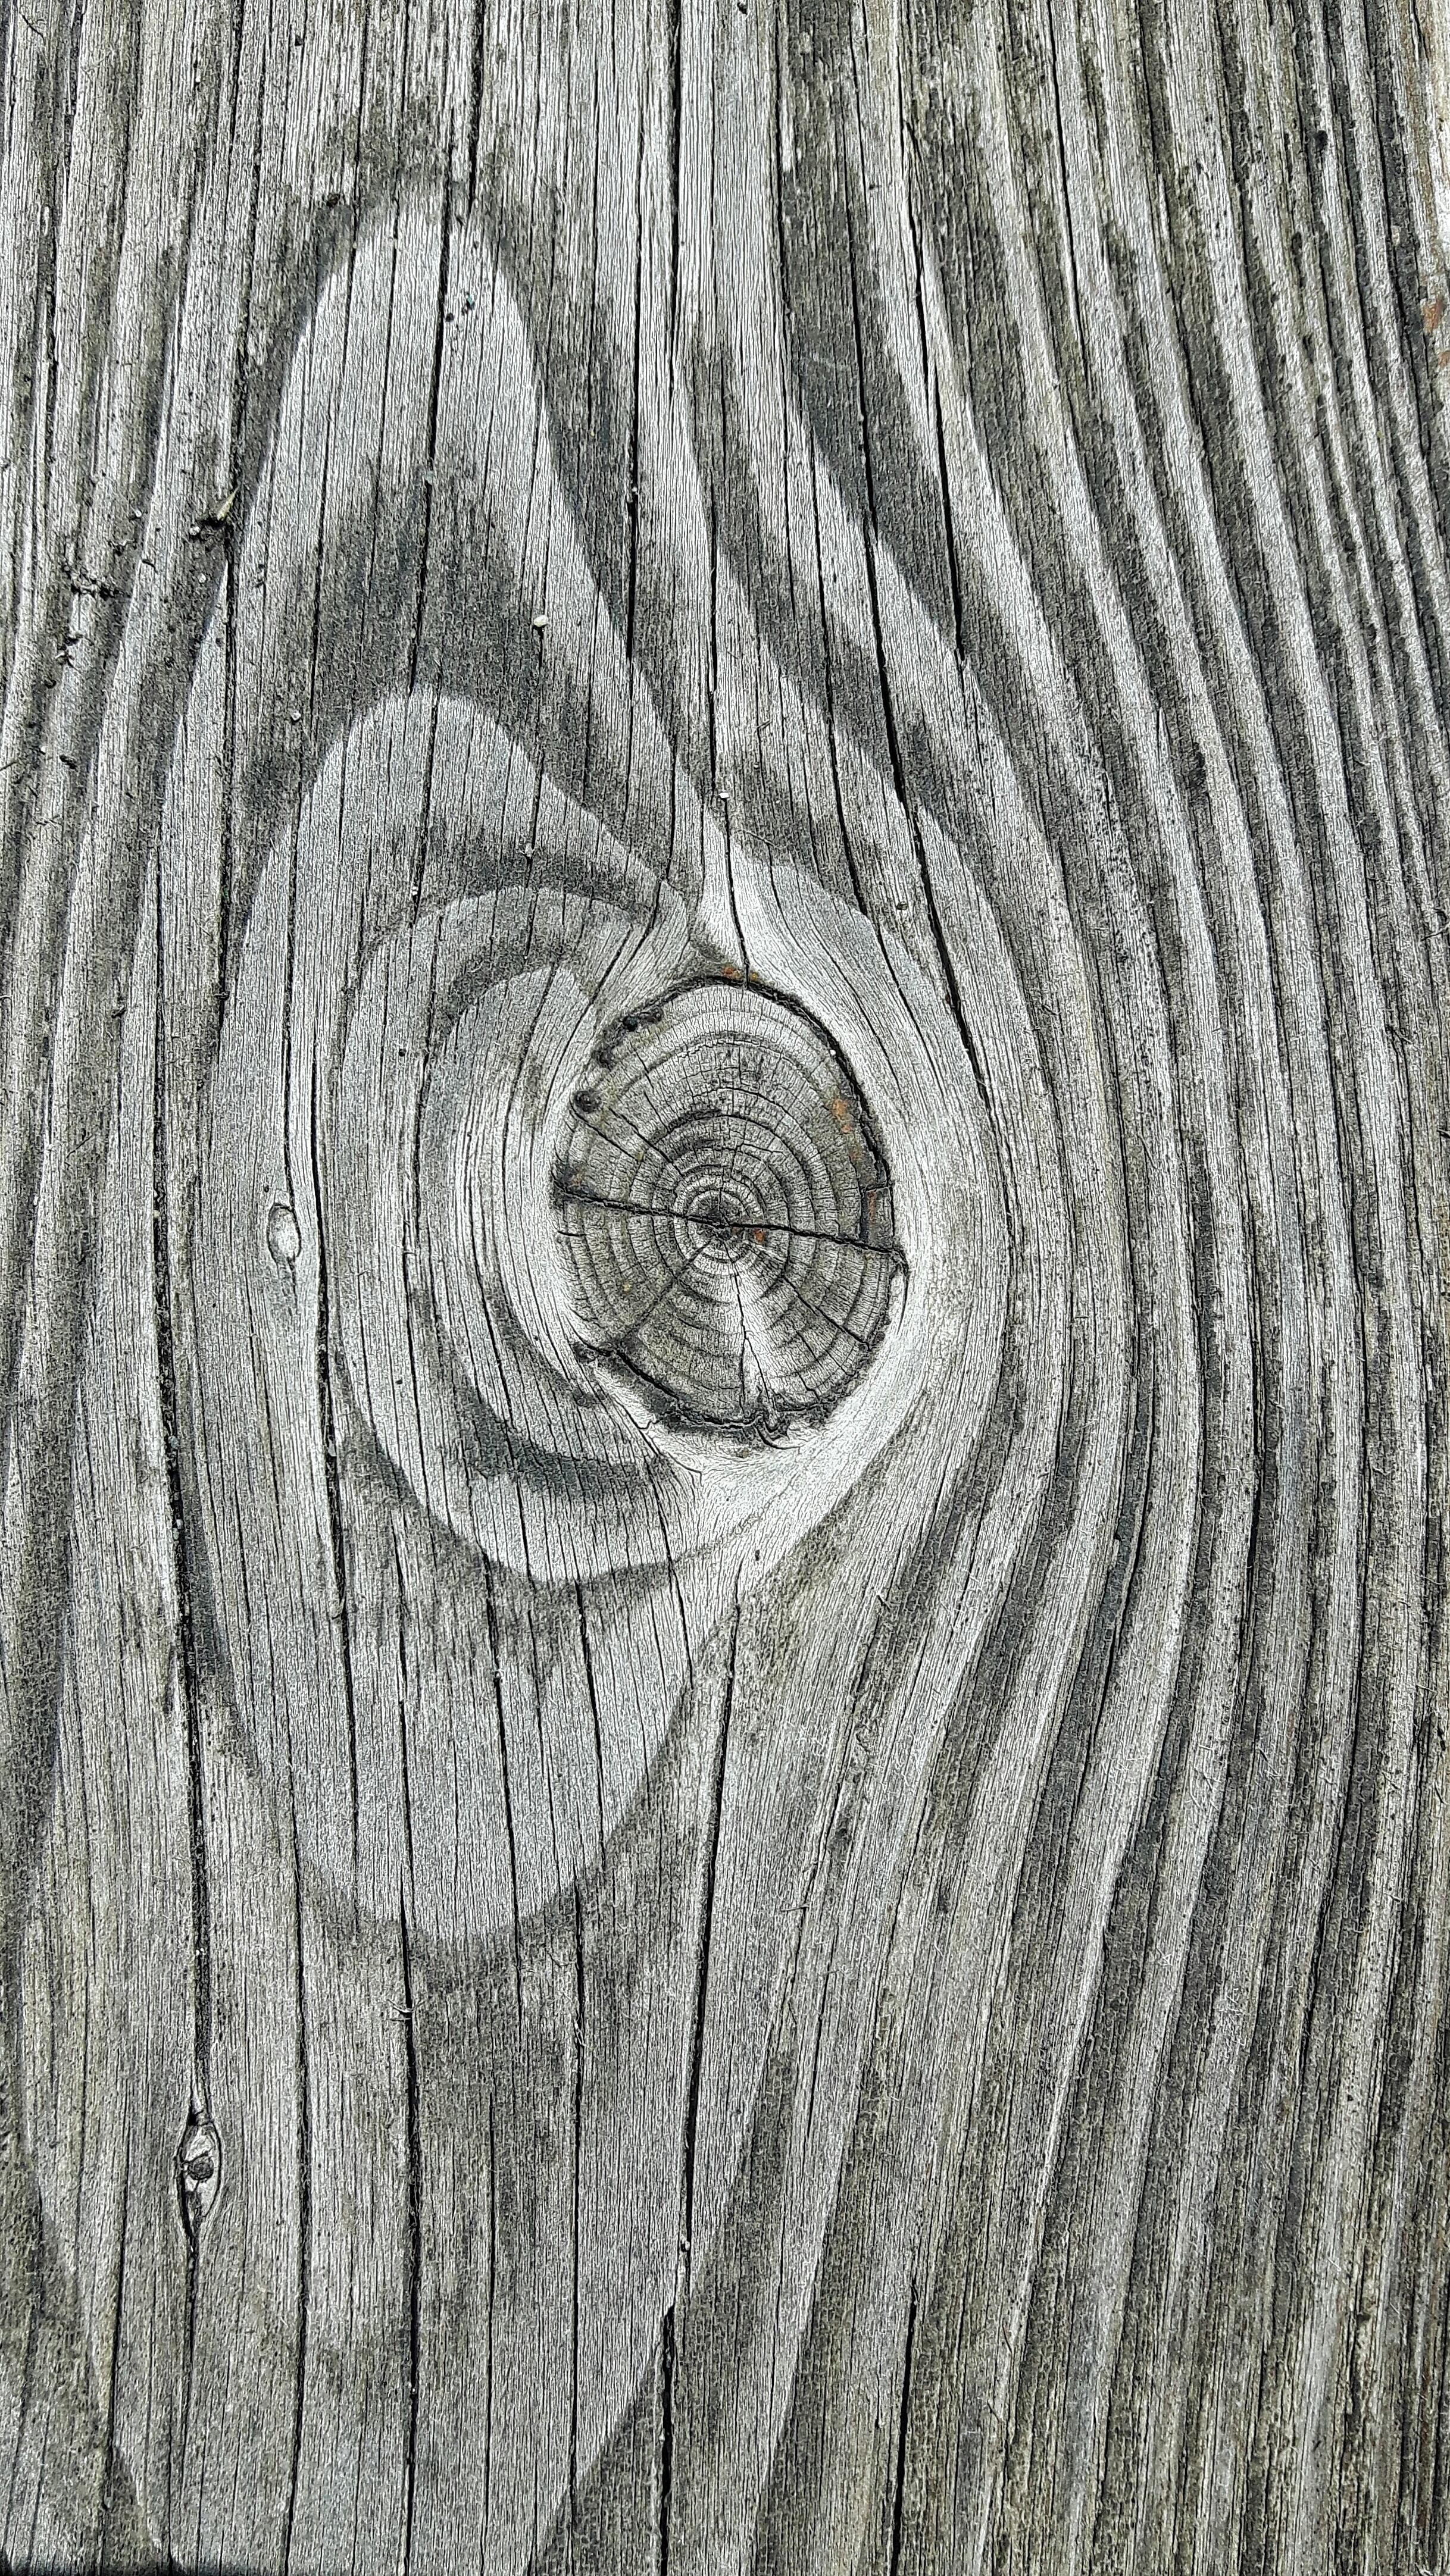 Images Gratuites : arbre, Roche, plante, bois, texture, feuille, tronc, vieux, sol, porte ...